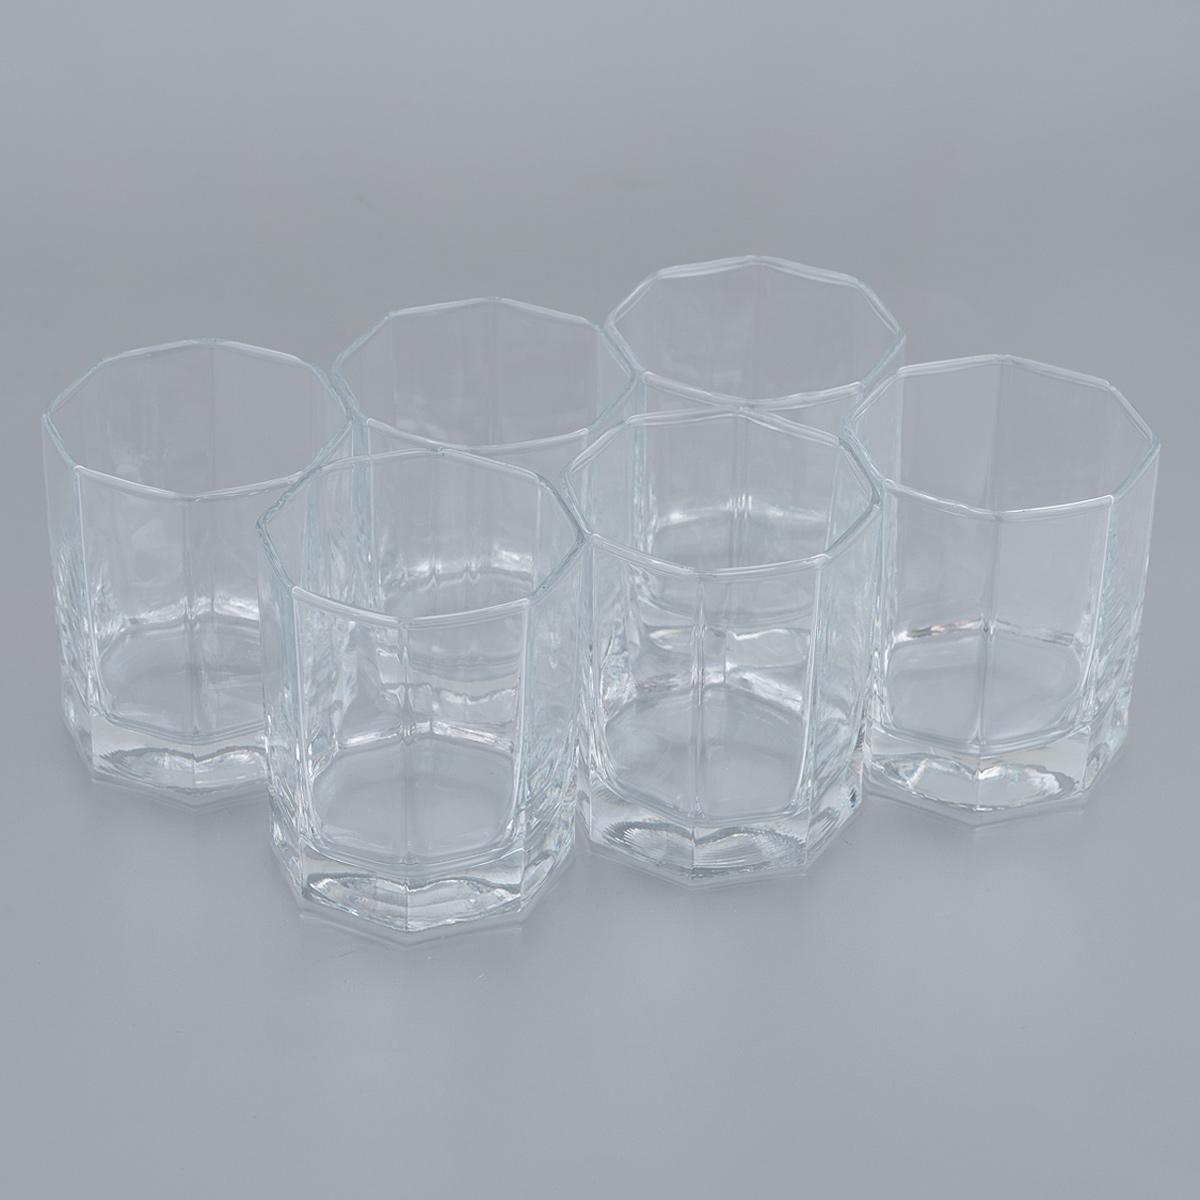 Набор стопок для водки Pasabahce Hisar, 60 мл, 6 шт42600BНабор Pasabahce Hisar, состоящий из шести стопок, несомненно, придется вам по душе. Стопки изготовлены из высококачественного натрий-кальций-силикатного стекла и имеют слегка скошенное дно. Изделия предназначены для подачи водки. Стопки выполнены в оригинальном элегантном дизайне и прекрасно будут смотреться за праздничным столом и на кухне в повседневной жизни. Набор стопок Pasabahce Hisar идеально подойдет для сервировки стола и станет отличным подарком к любому празднику. Высота стопки: 5,5 см Диаметр стопки (по верхнему краю): 4,5 см.